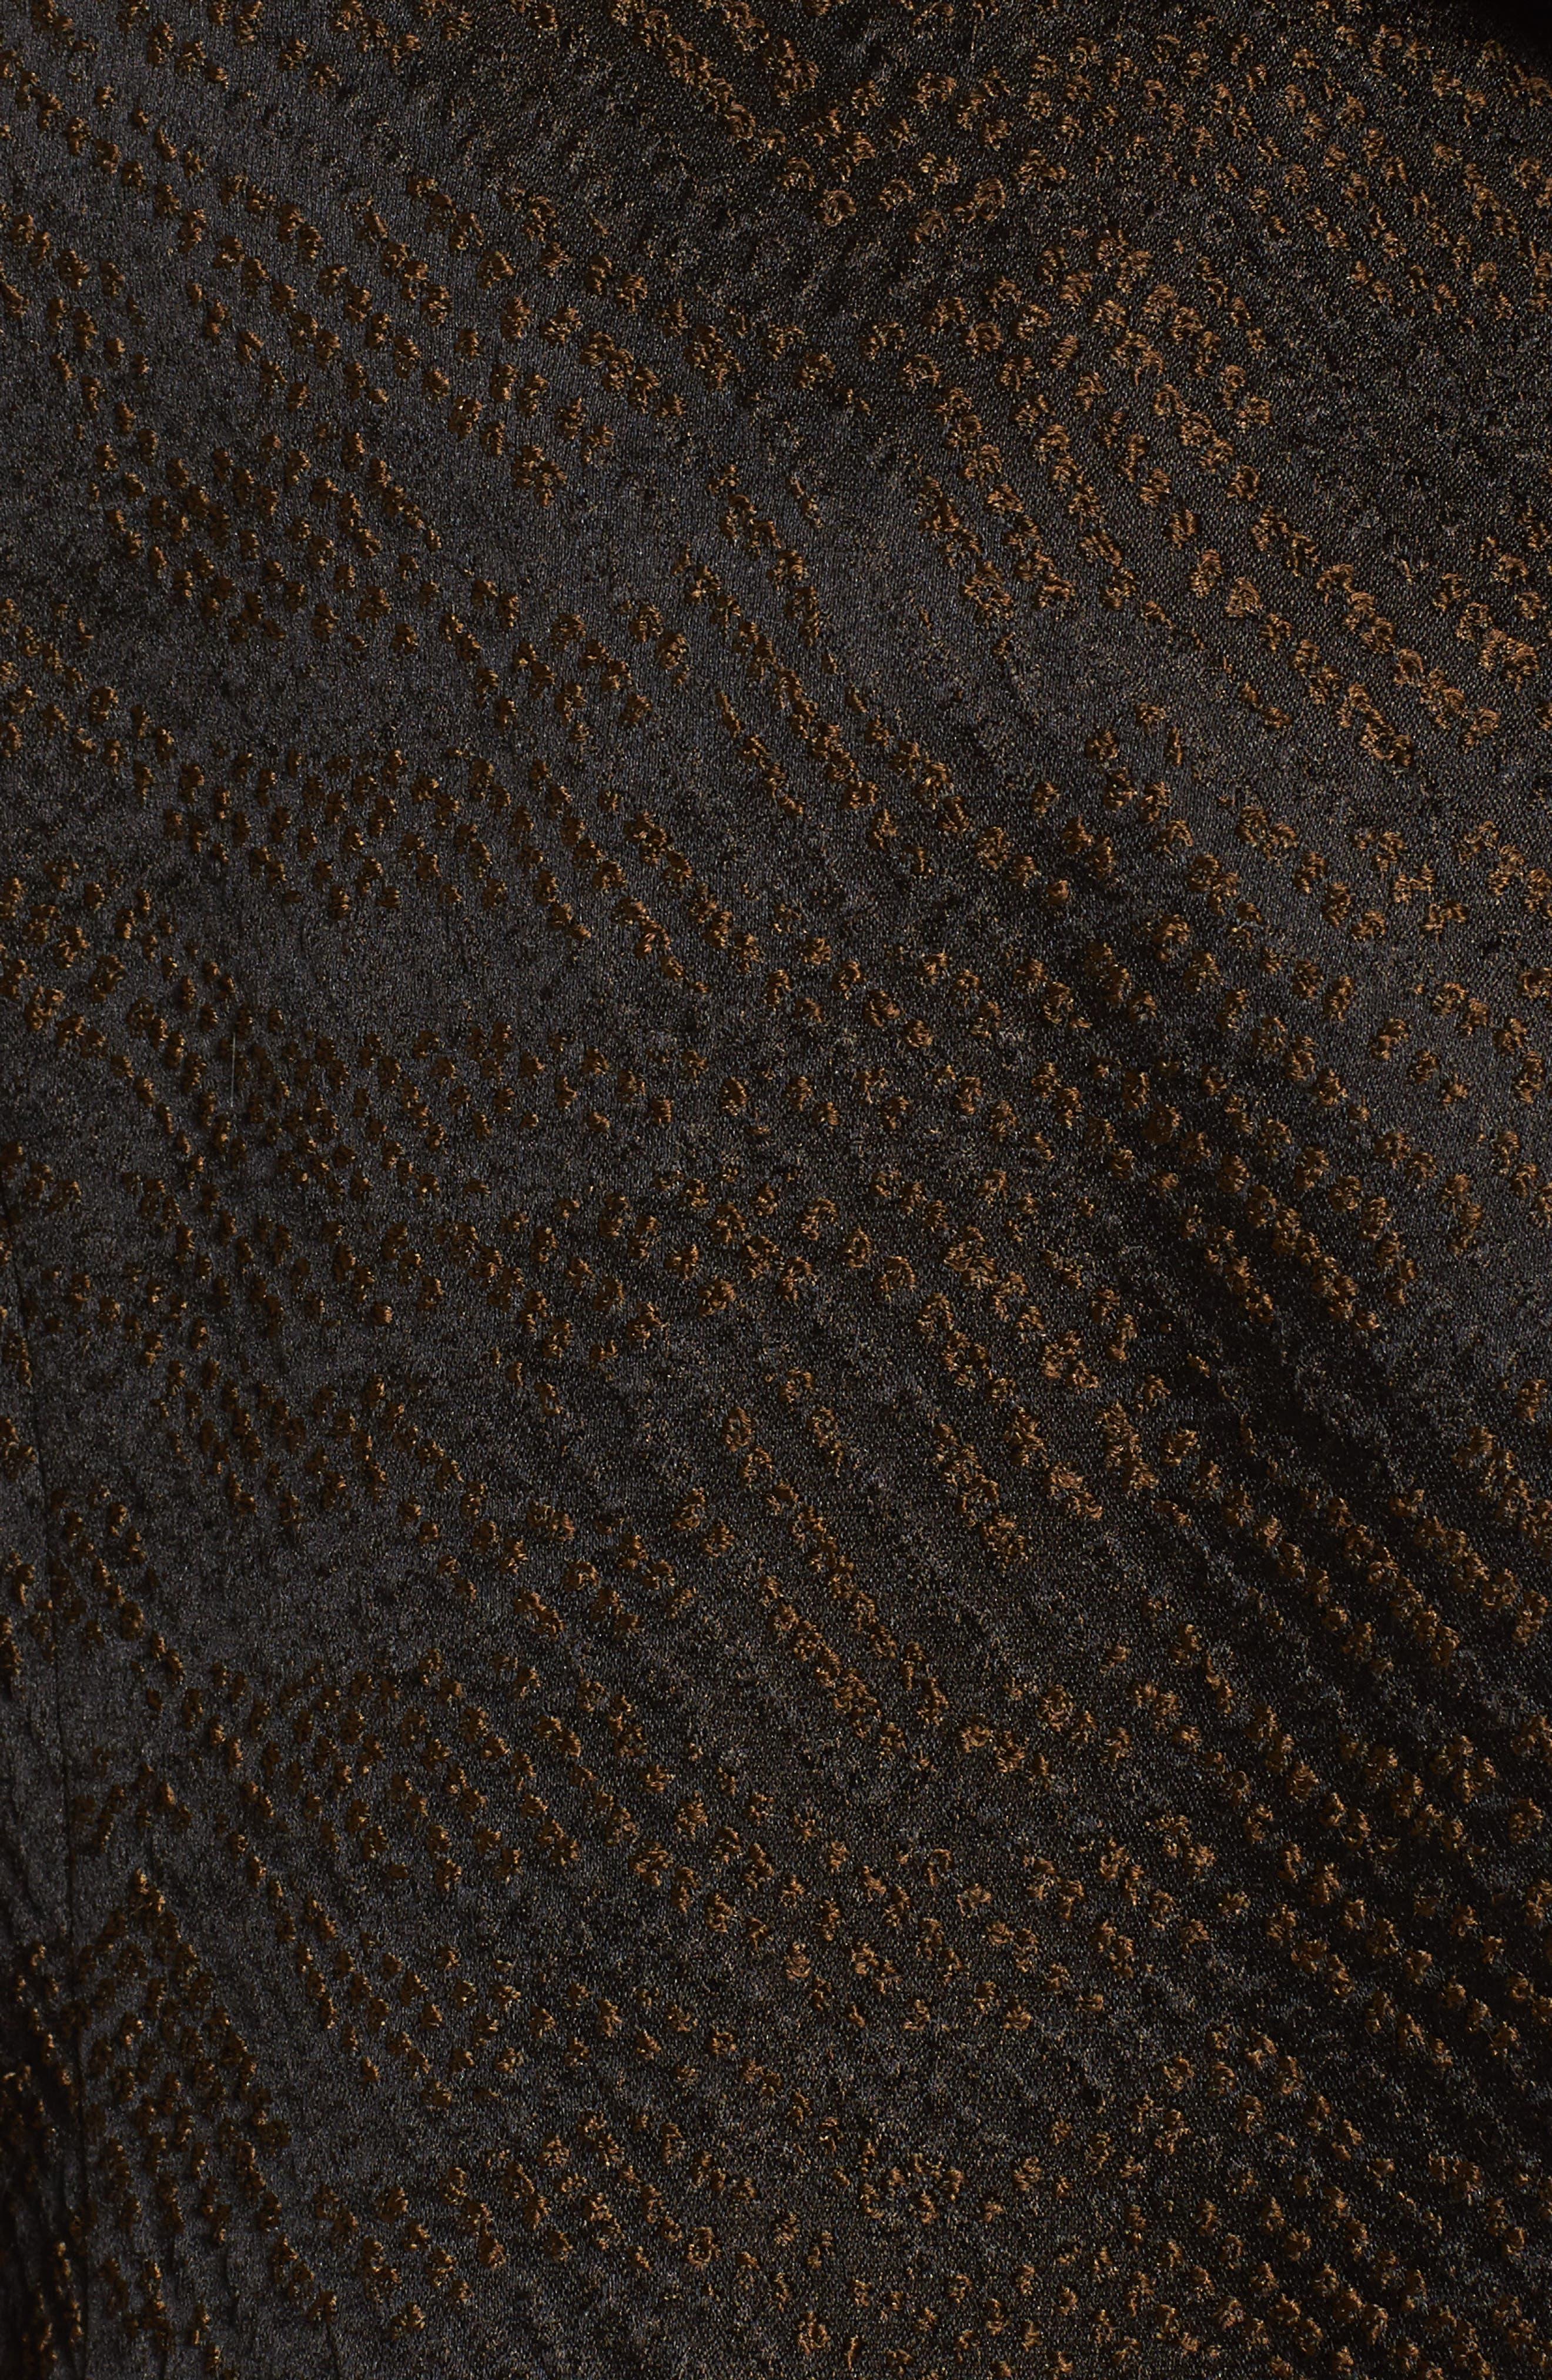 Silk Blend Jacquard Jacket,                             Alternate thumbnail 6, color,                             001